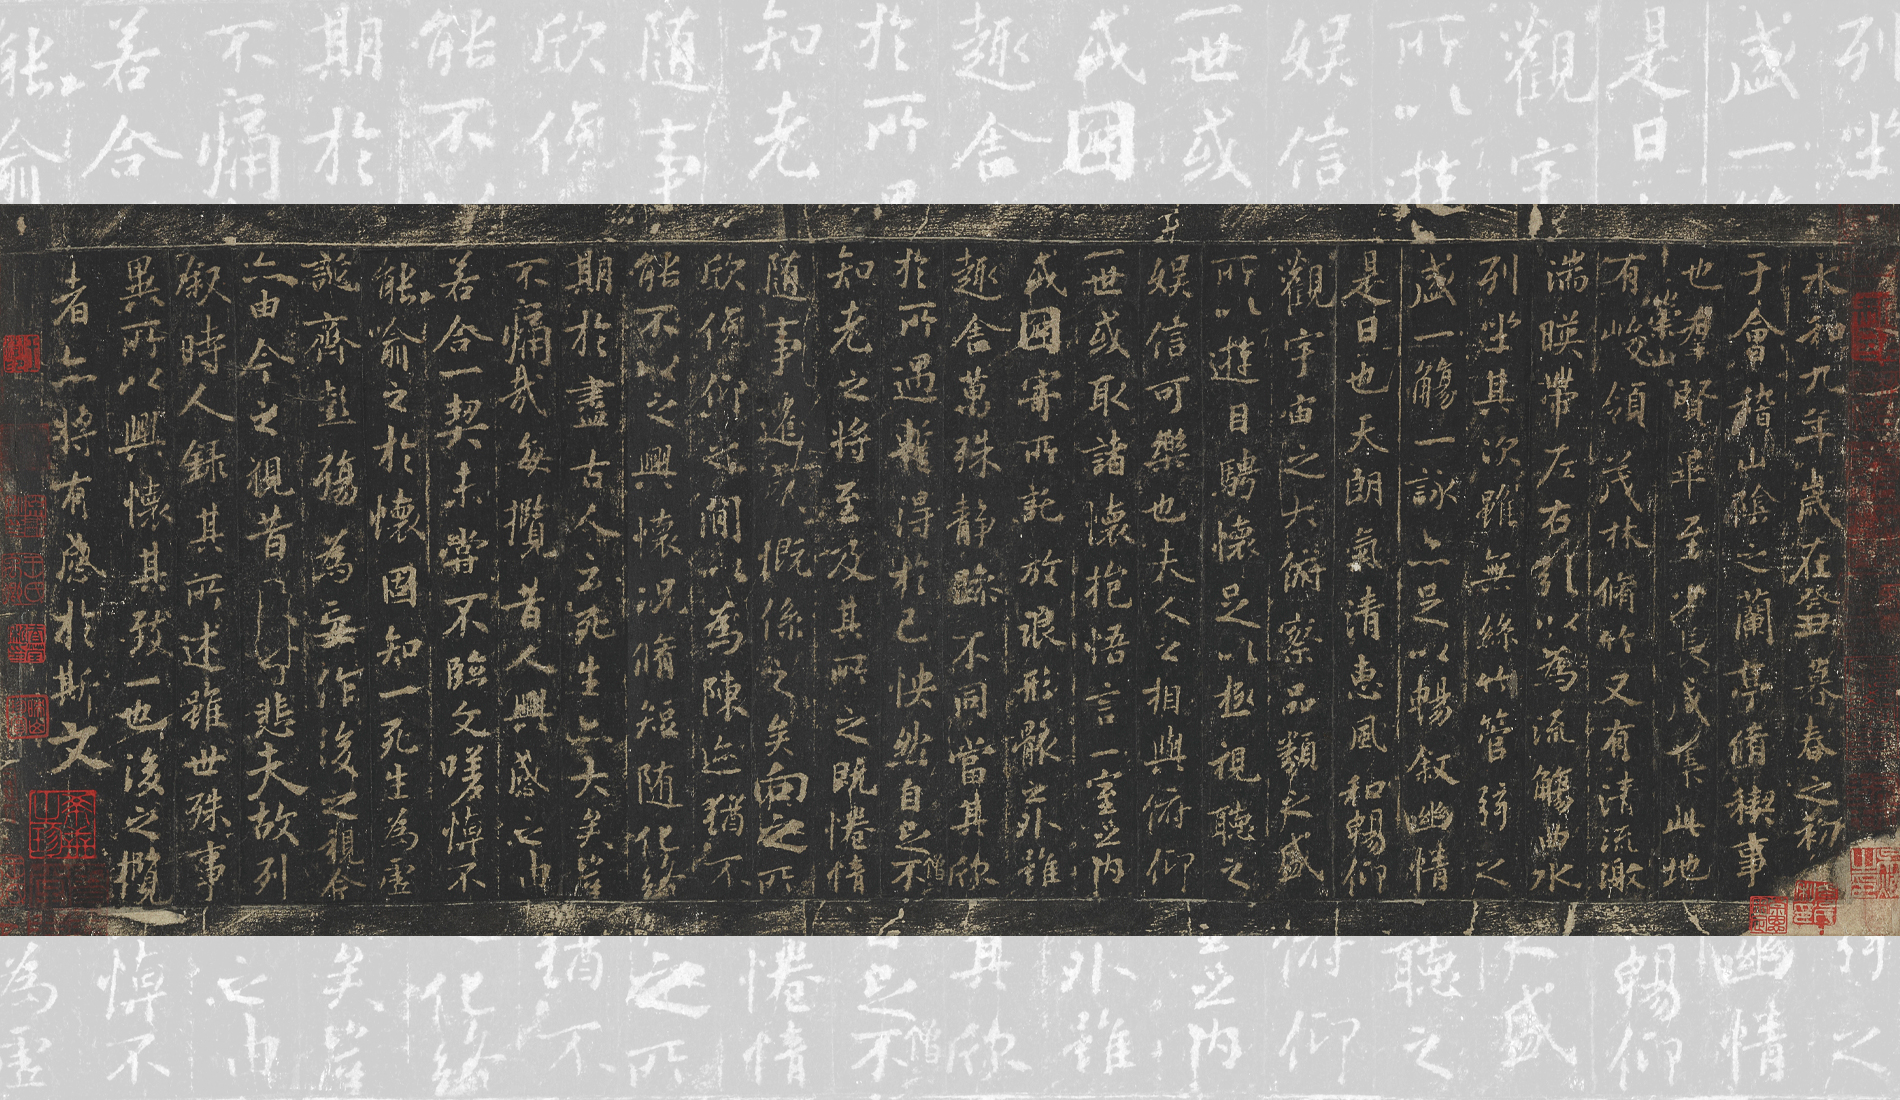 清朝書画コレクションの諸相―高島槐安収集品を中心に―